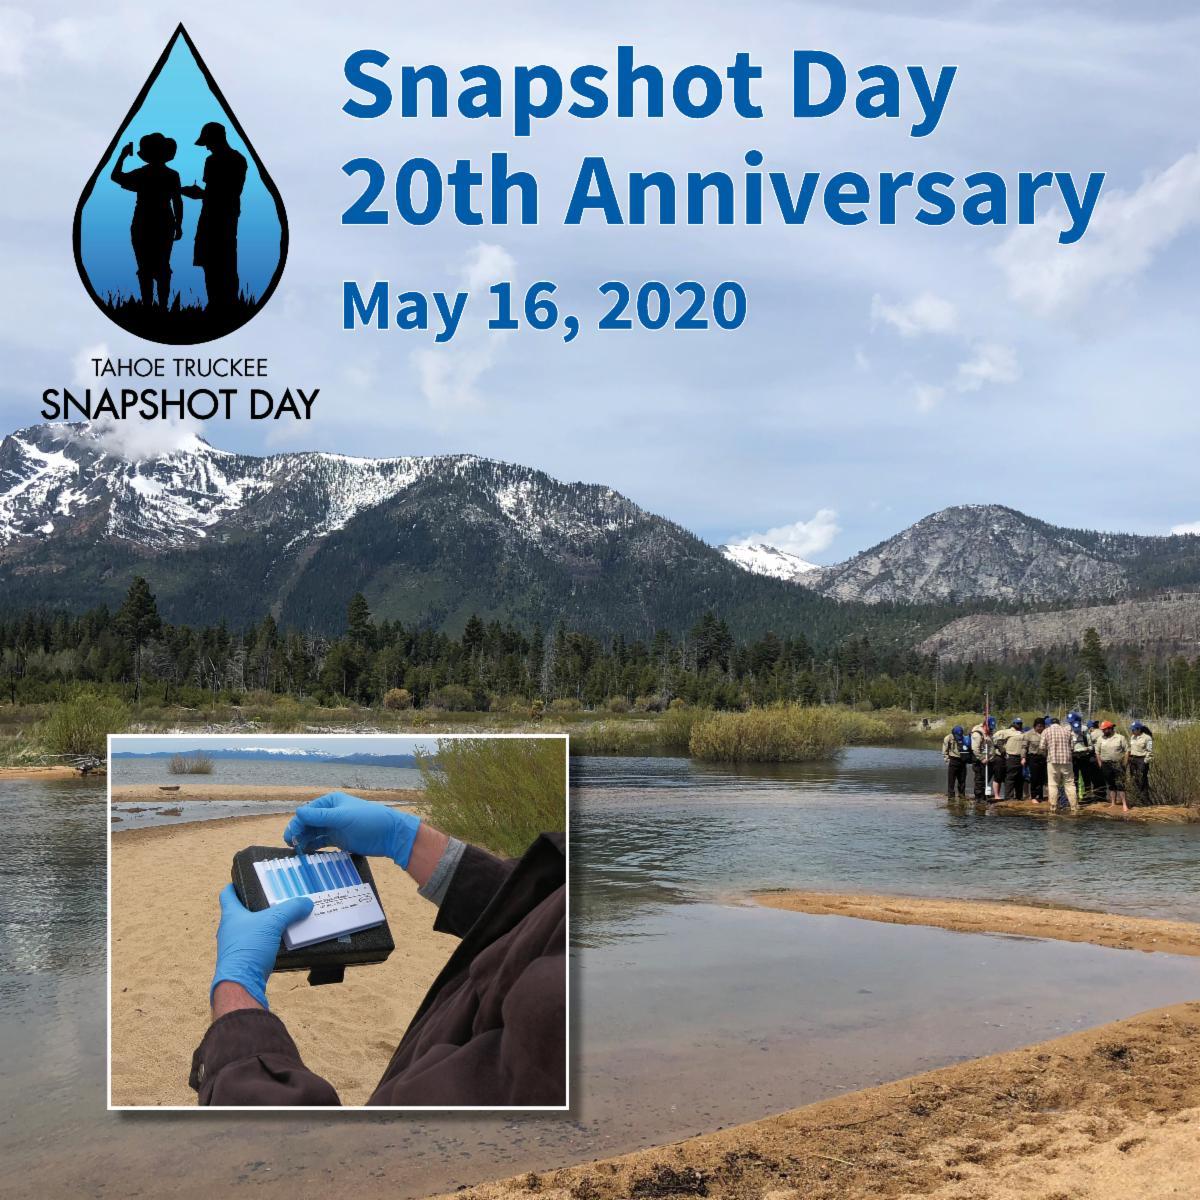 Snapshot Day - May 16